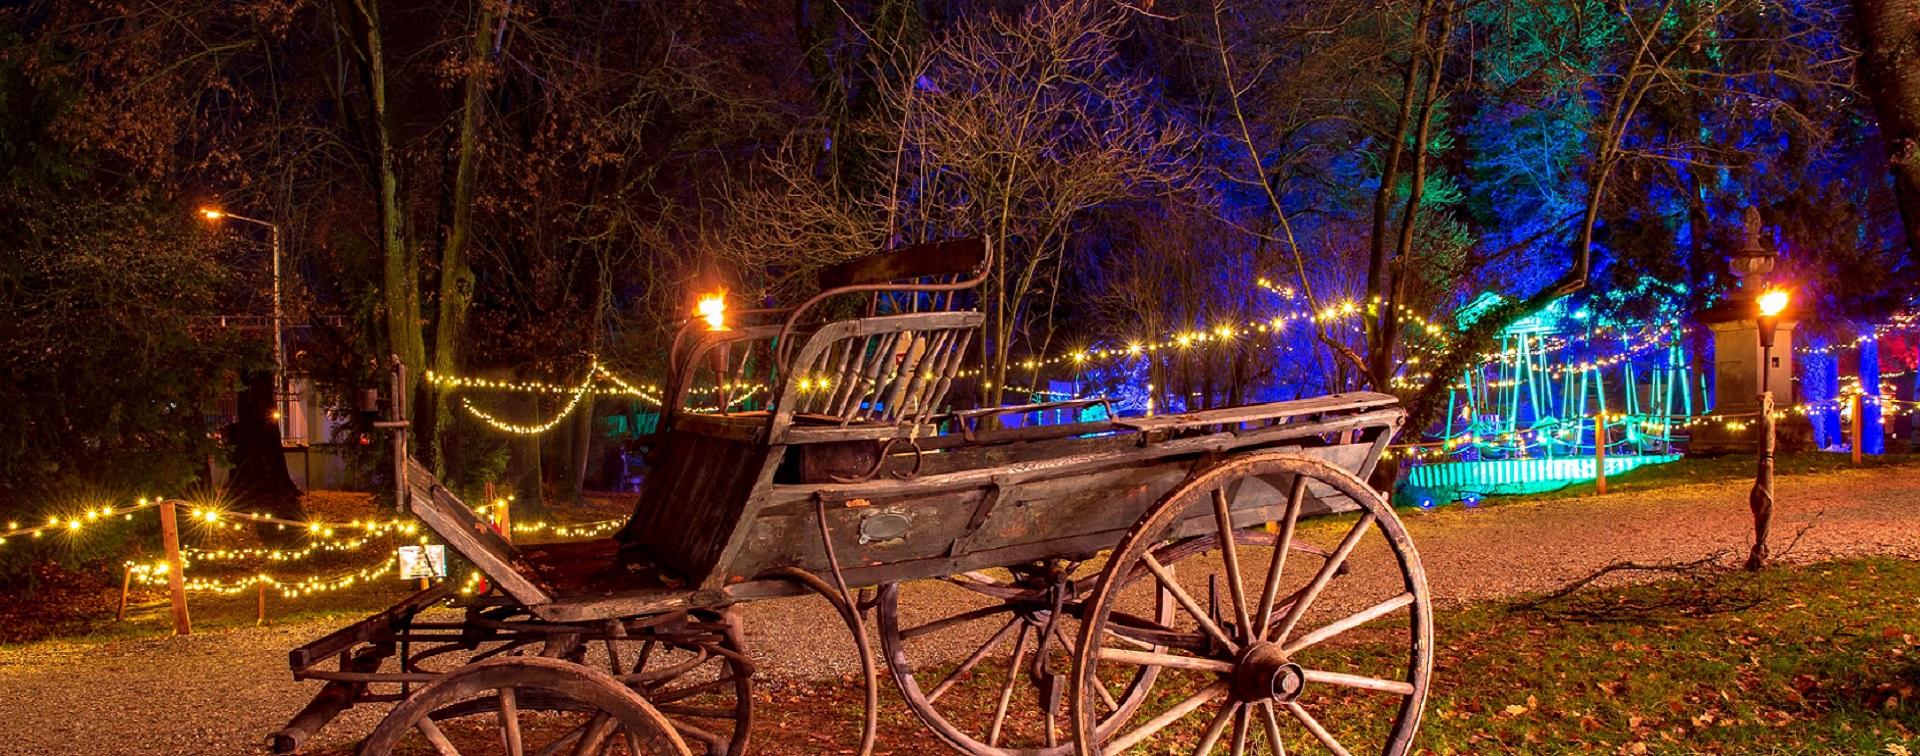 Romantischer Weihnachtsmarkt.Tickets Romantischer Weihnachtsmarkt Schloss Thurn Und Taxis